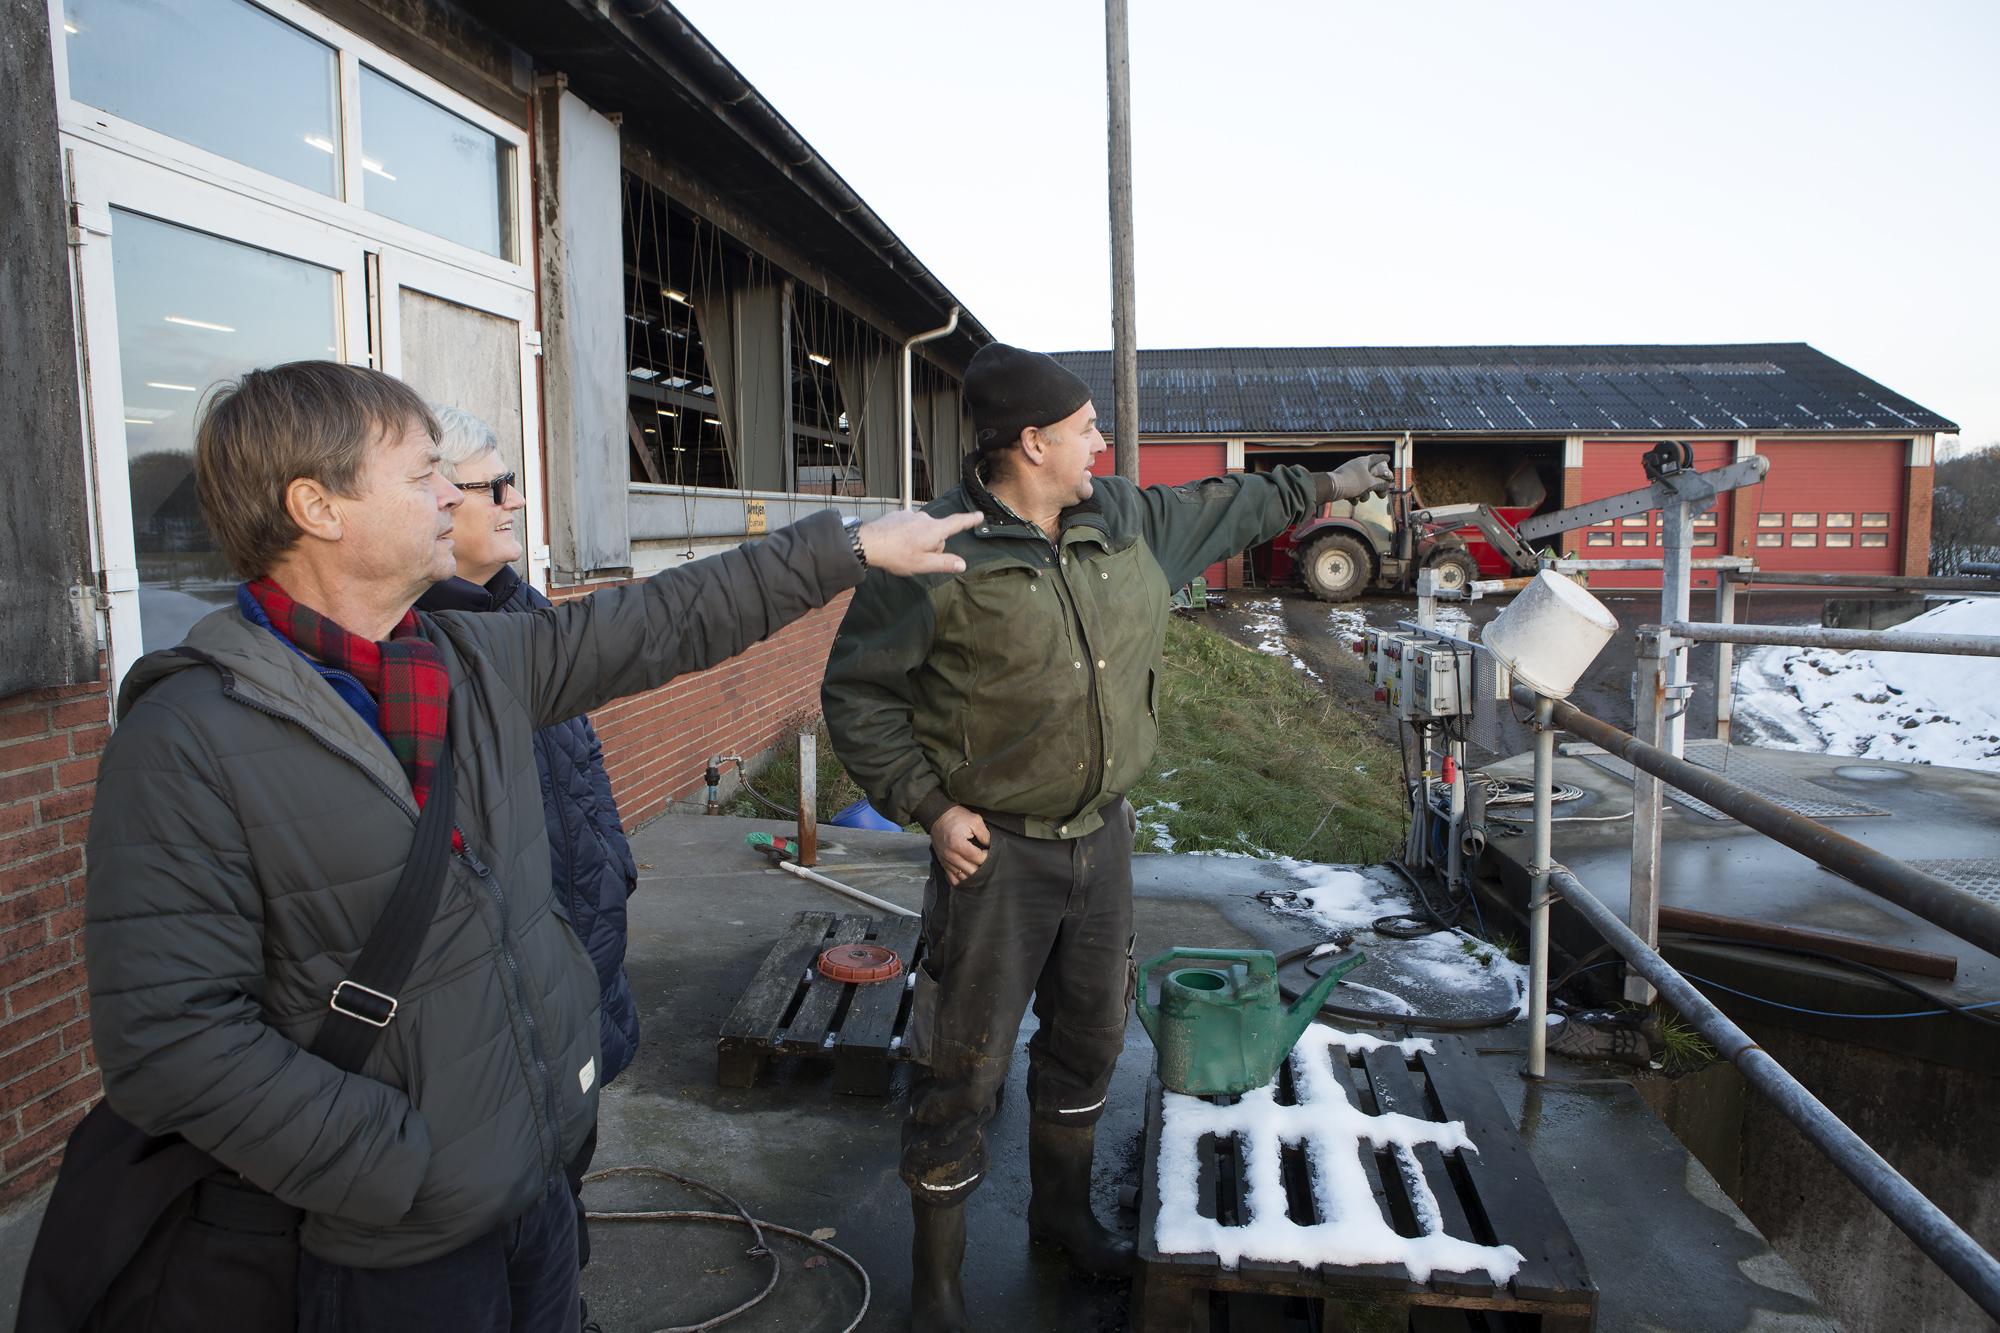 Skovgaard Gårdbutik Og Landbrug, Them. Dato: 10.11.16Foto: Claus Haagensen